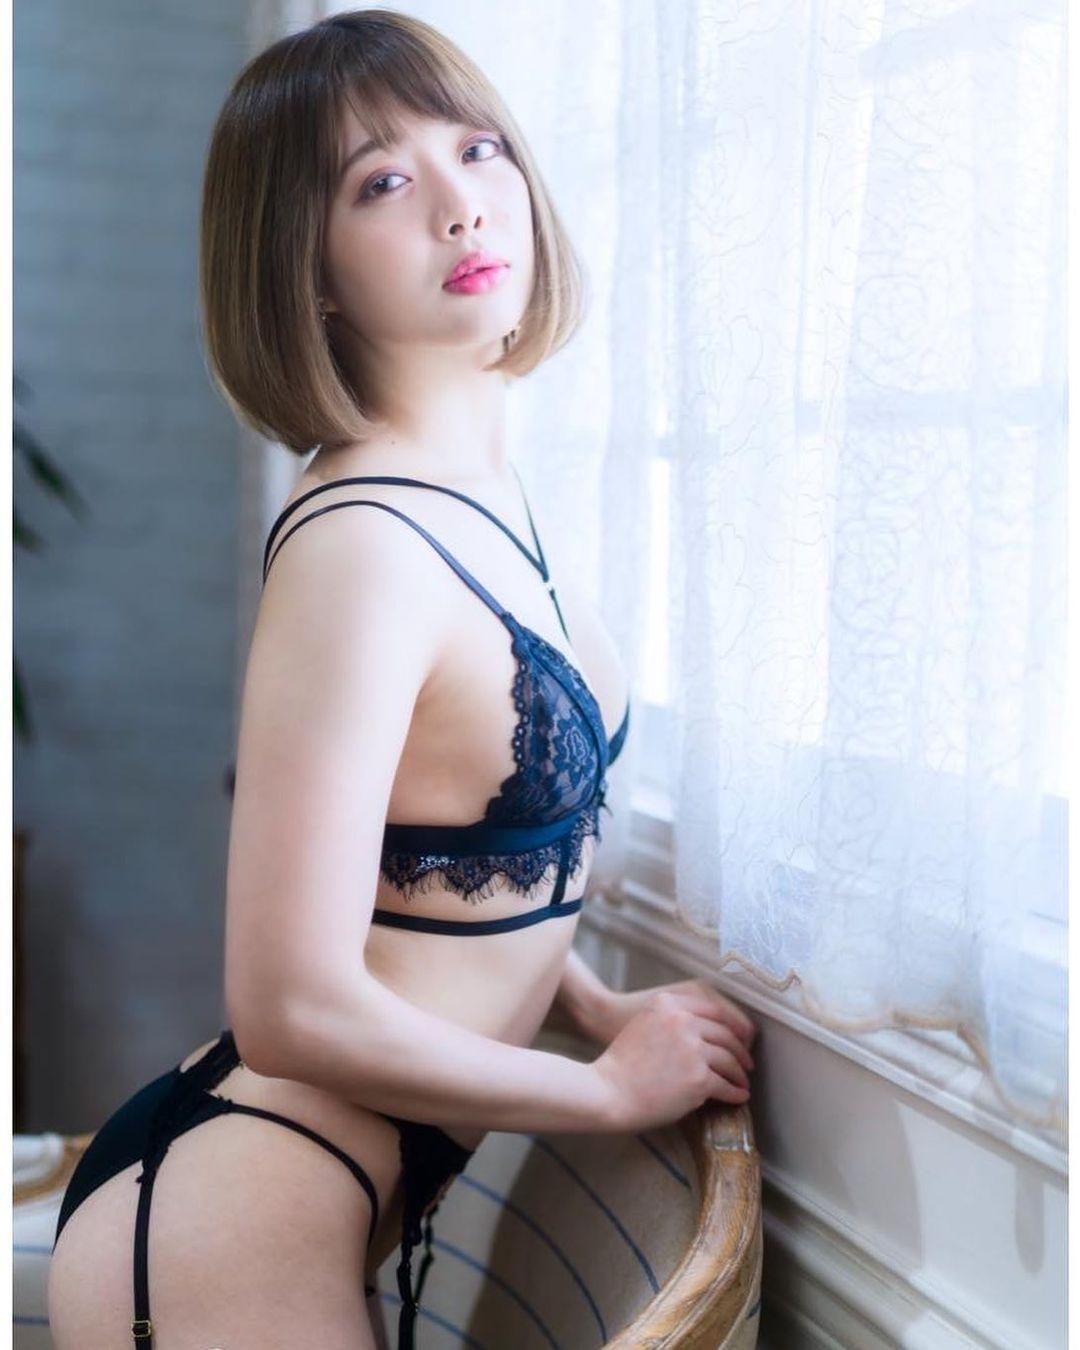 セクシーな黒ランジェリー姿を披露【七海さん/2021年1月13日】